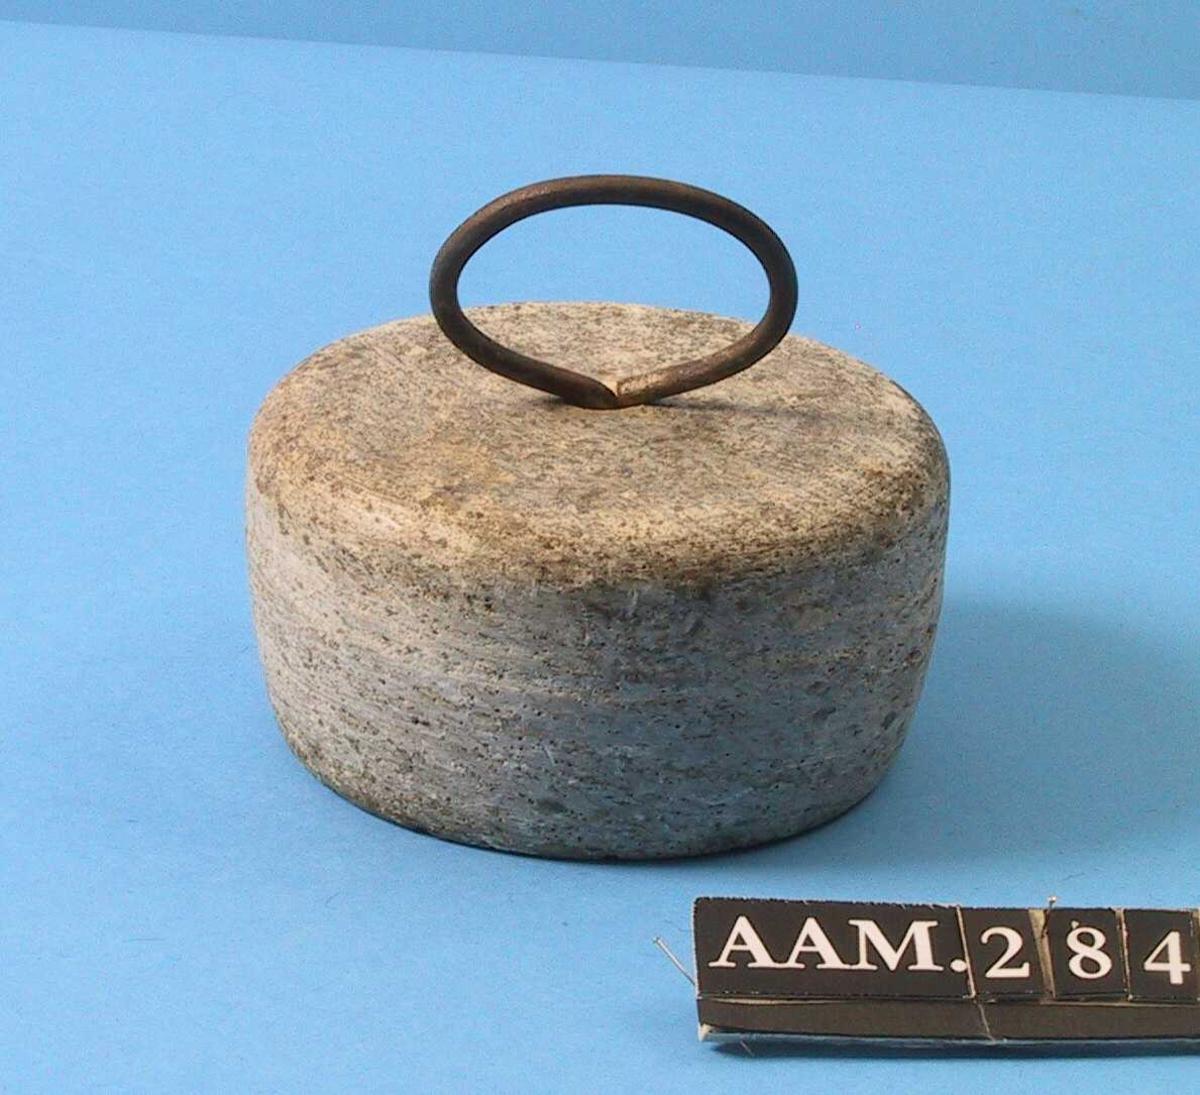 Rundt stykke kleberstein, med  øyeformet handtak av jern midt på.